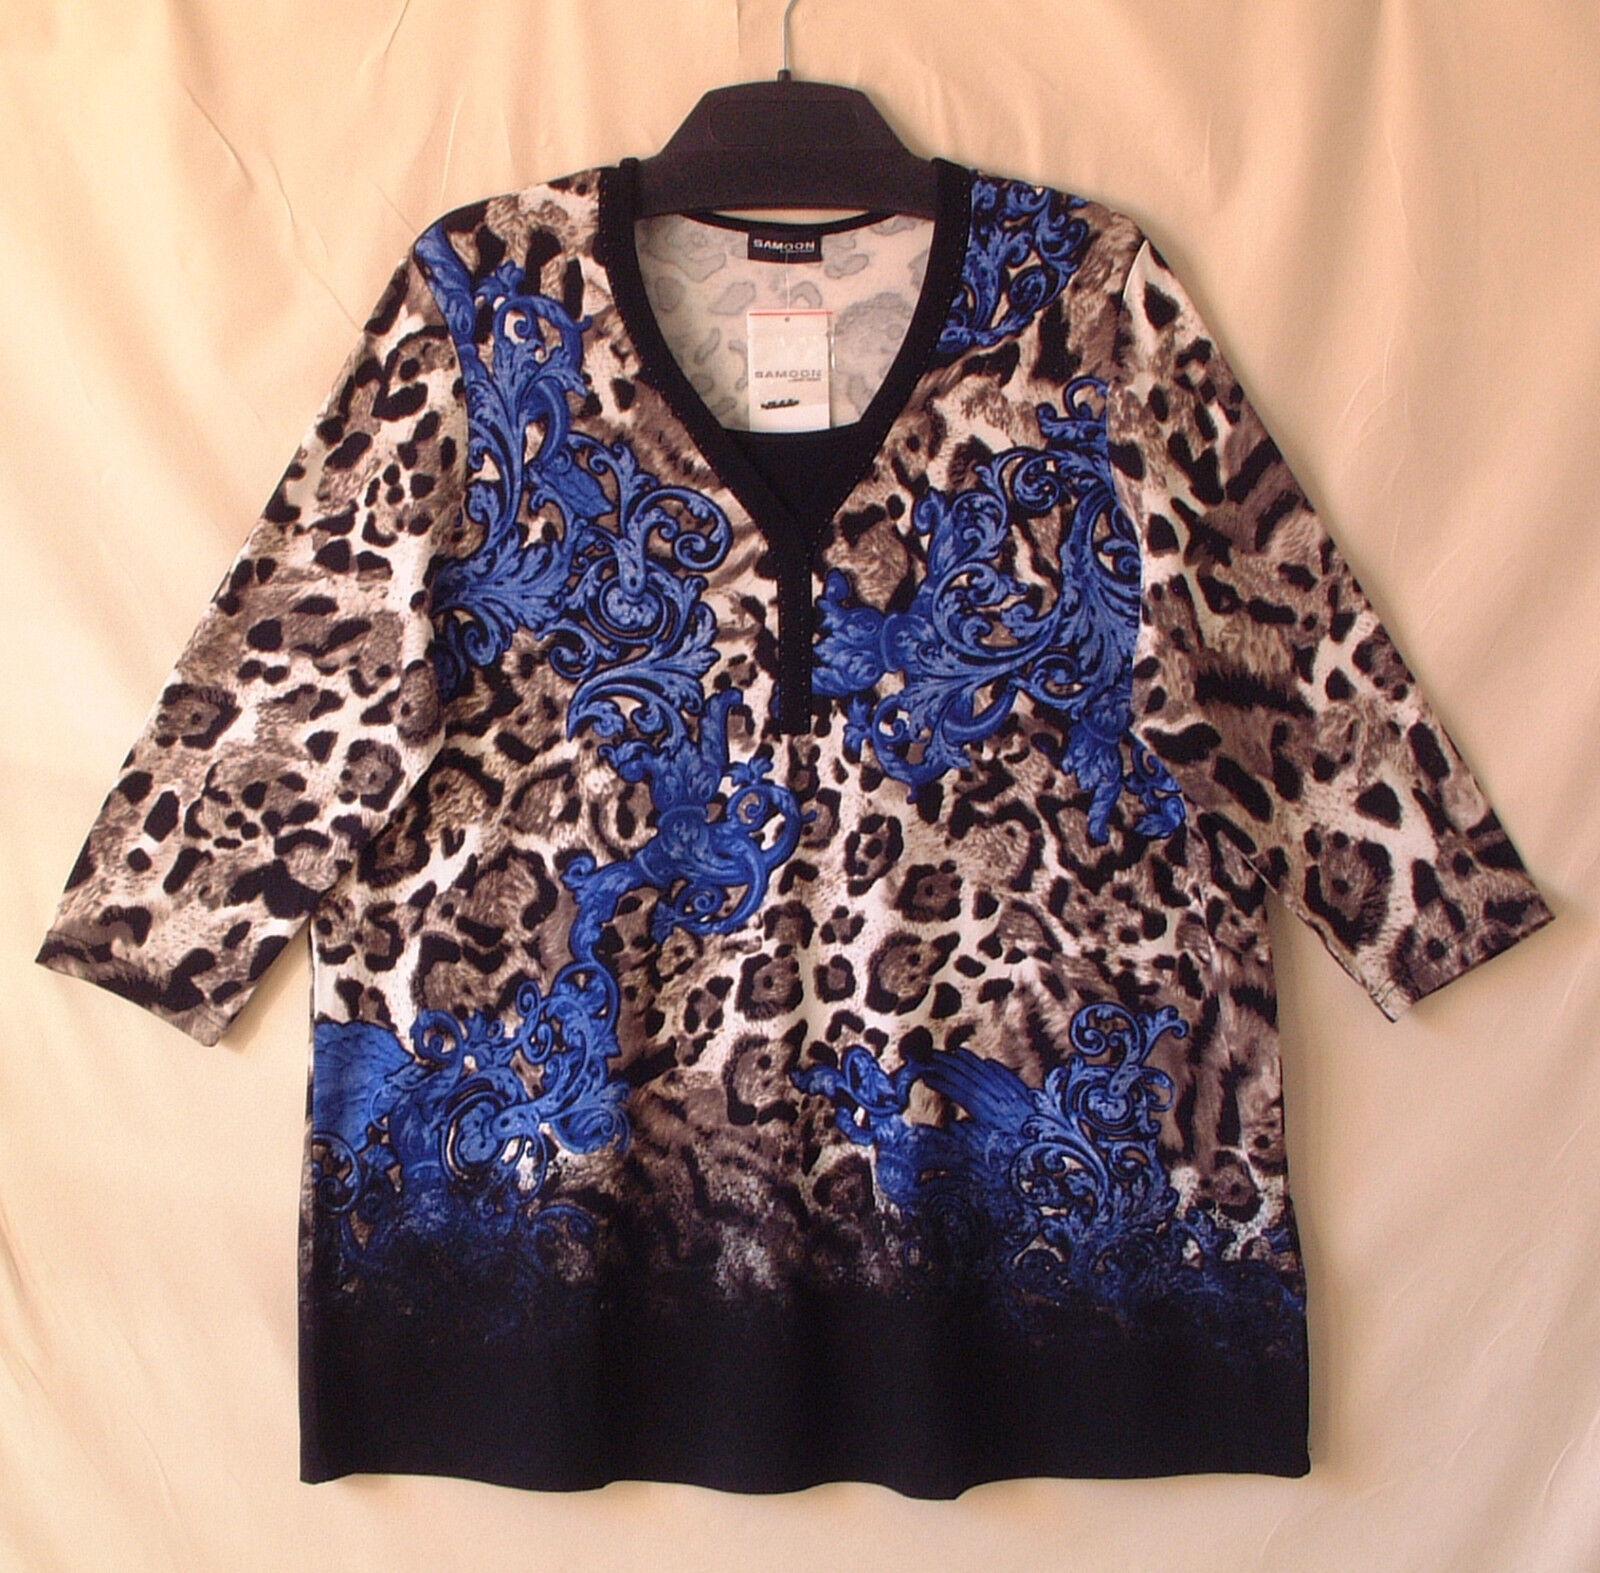 Samoon Shirt Gerry Weber Longshirt Damen Viskose Stretch 3 4Arm Neu Damen Gr.